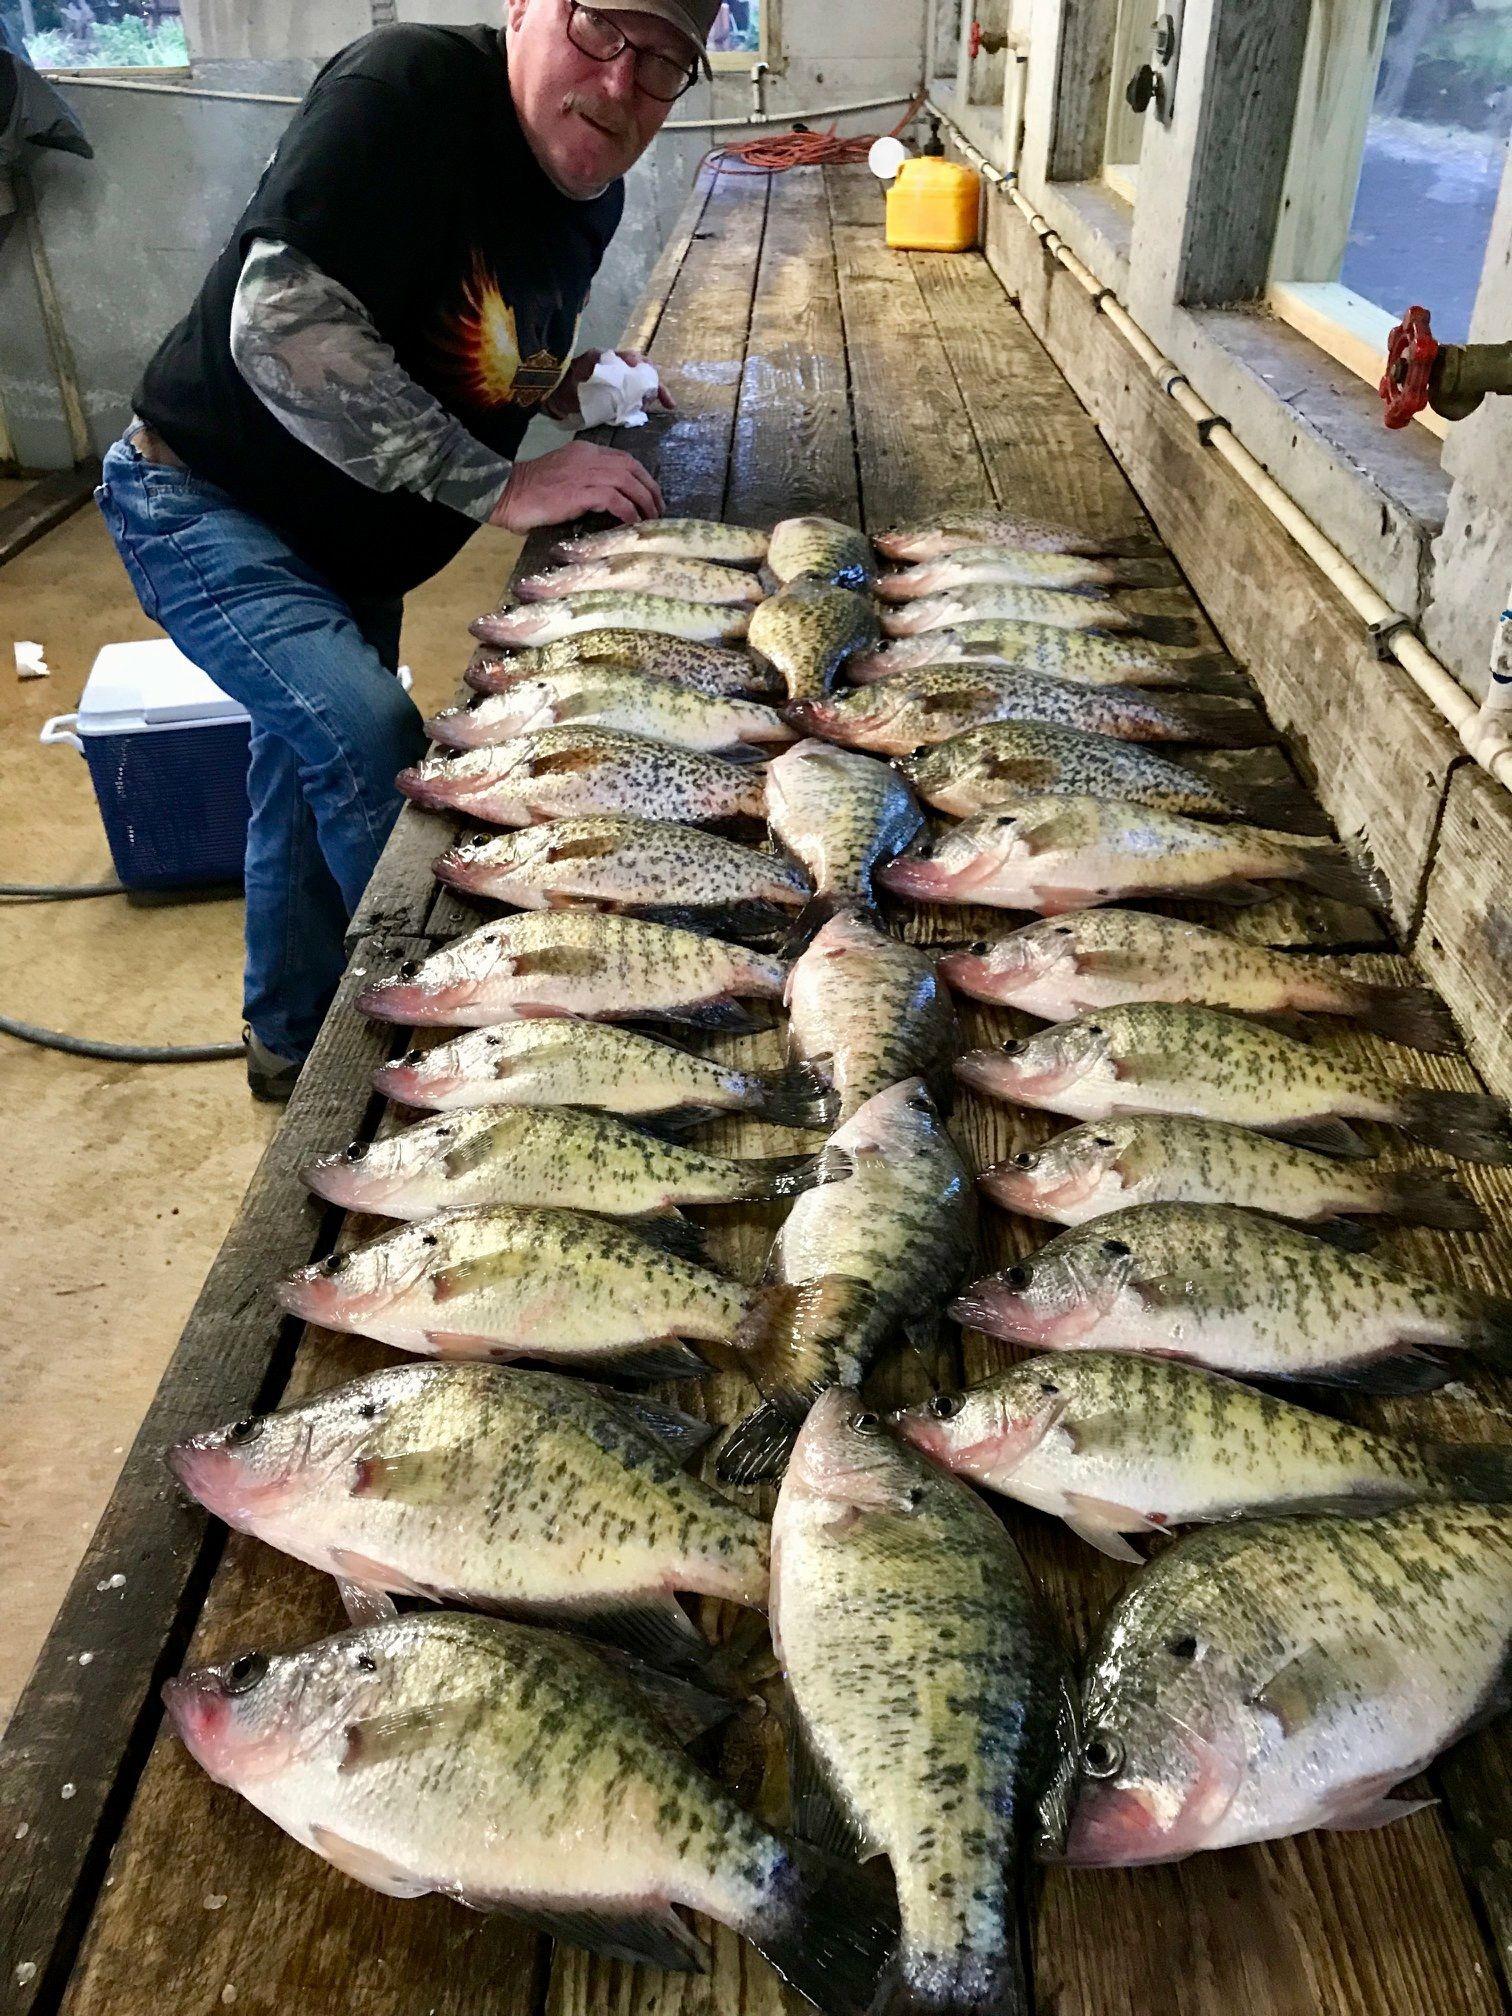 Pin by Blue Bank Resort on Reelfoot Lake Fishing @ Blue Bank